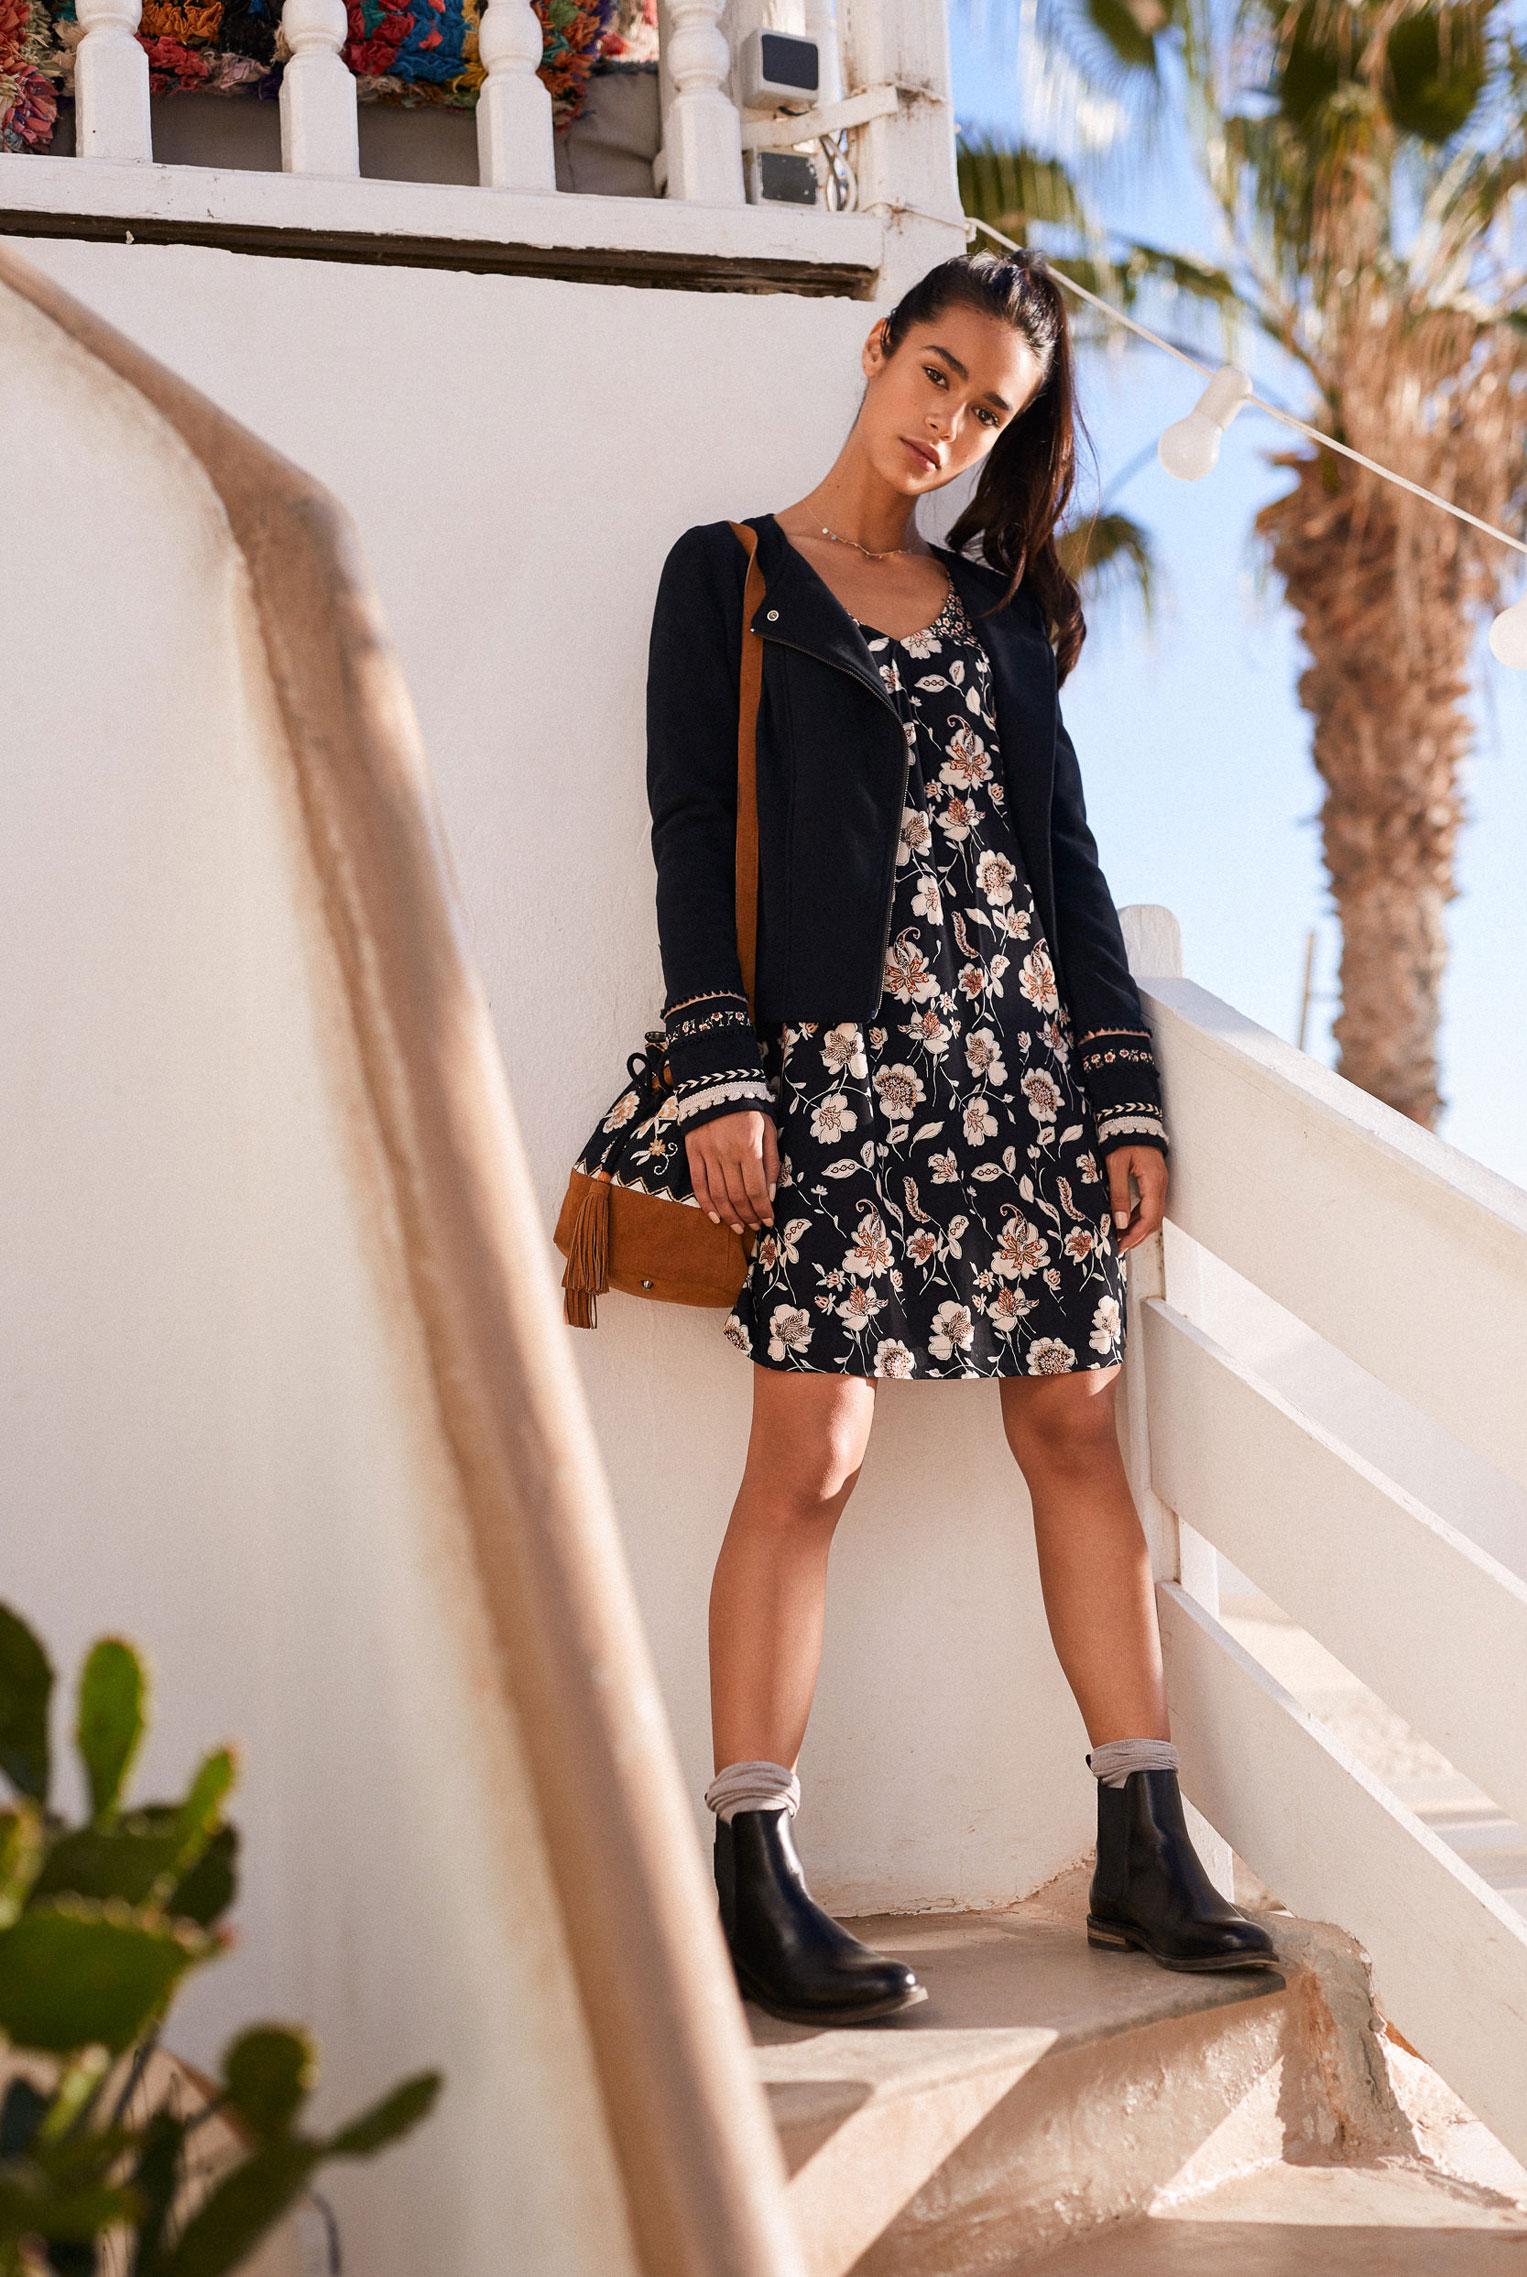 Наринэ Матецкая в модной одежде BananaMoon, коллекция осень/зима 2019/20 / фото 21